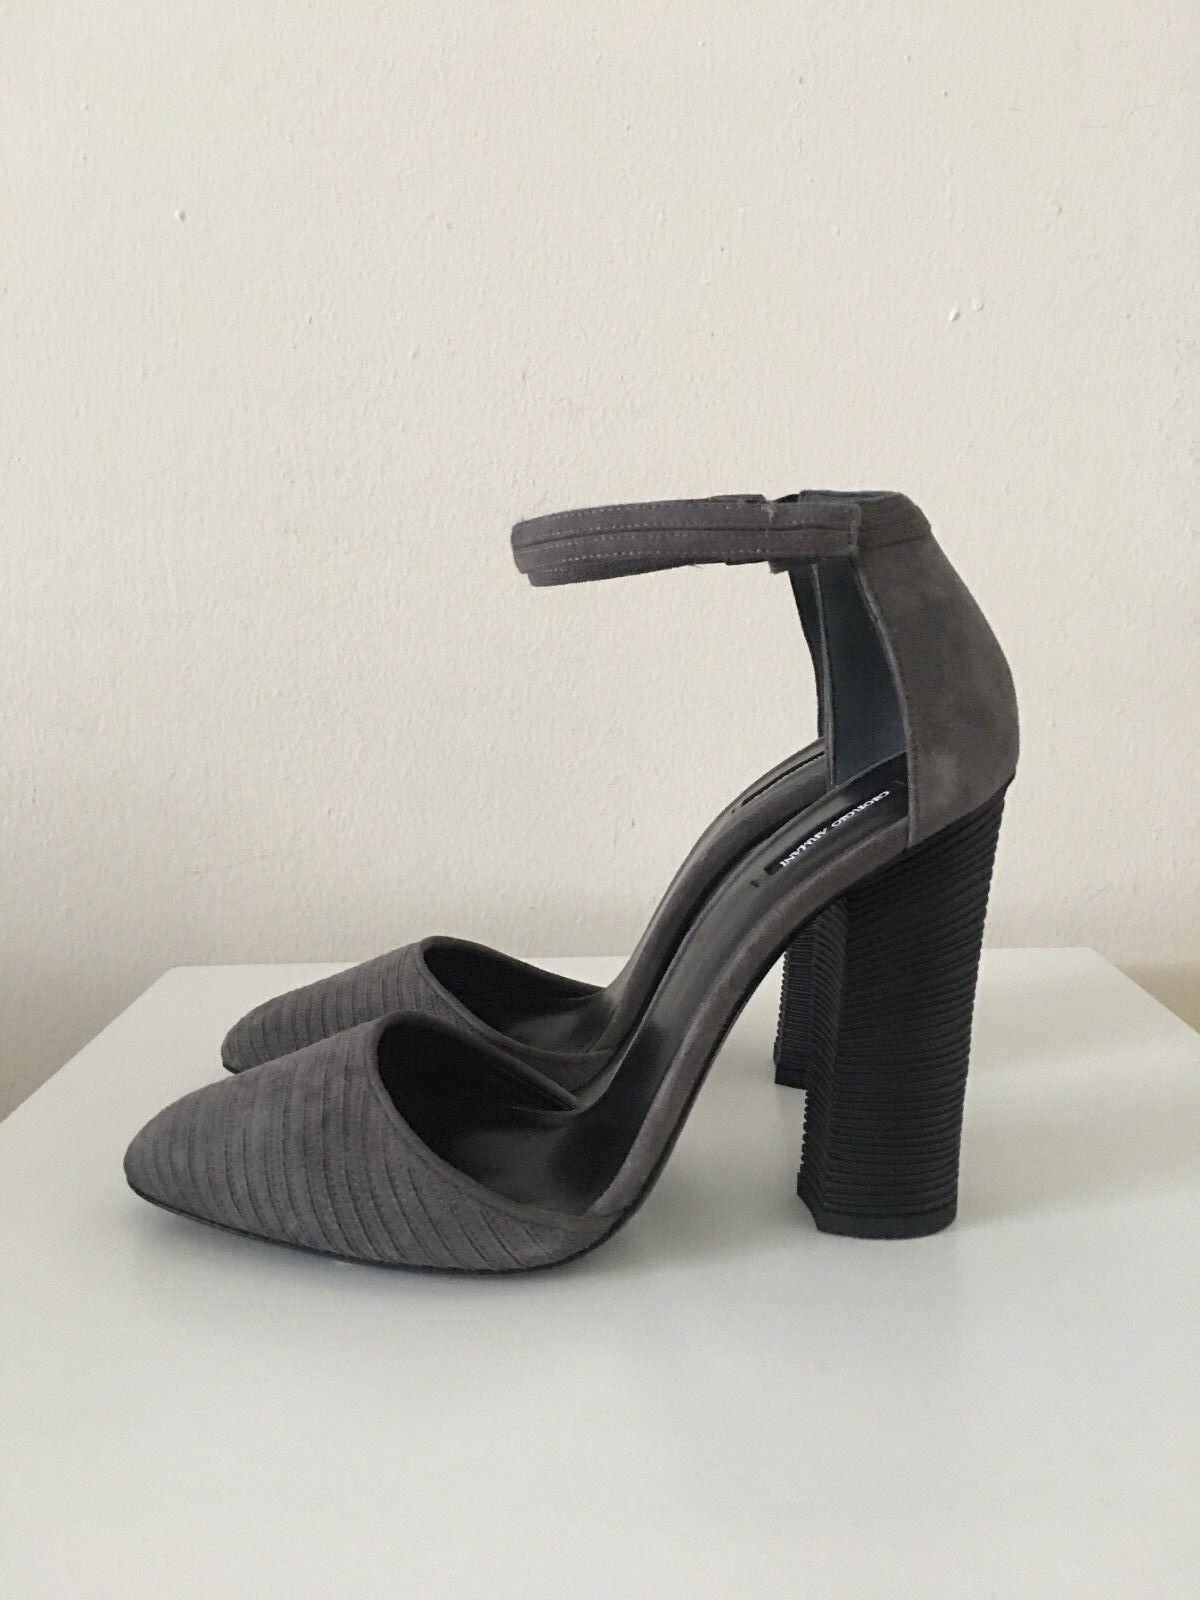 Giorgio Giorgio Giorgio Armani Nuevo Sin Caja  925 Para Mujer BOMBAS Tacones Zapatos gris Topo Gamuza gris Talla 39 EE. UU. 9  n ° 1 en línea